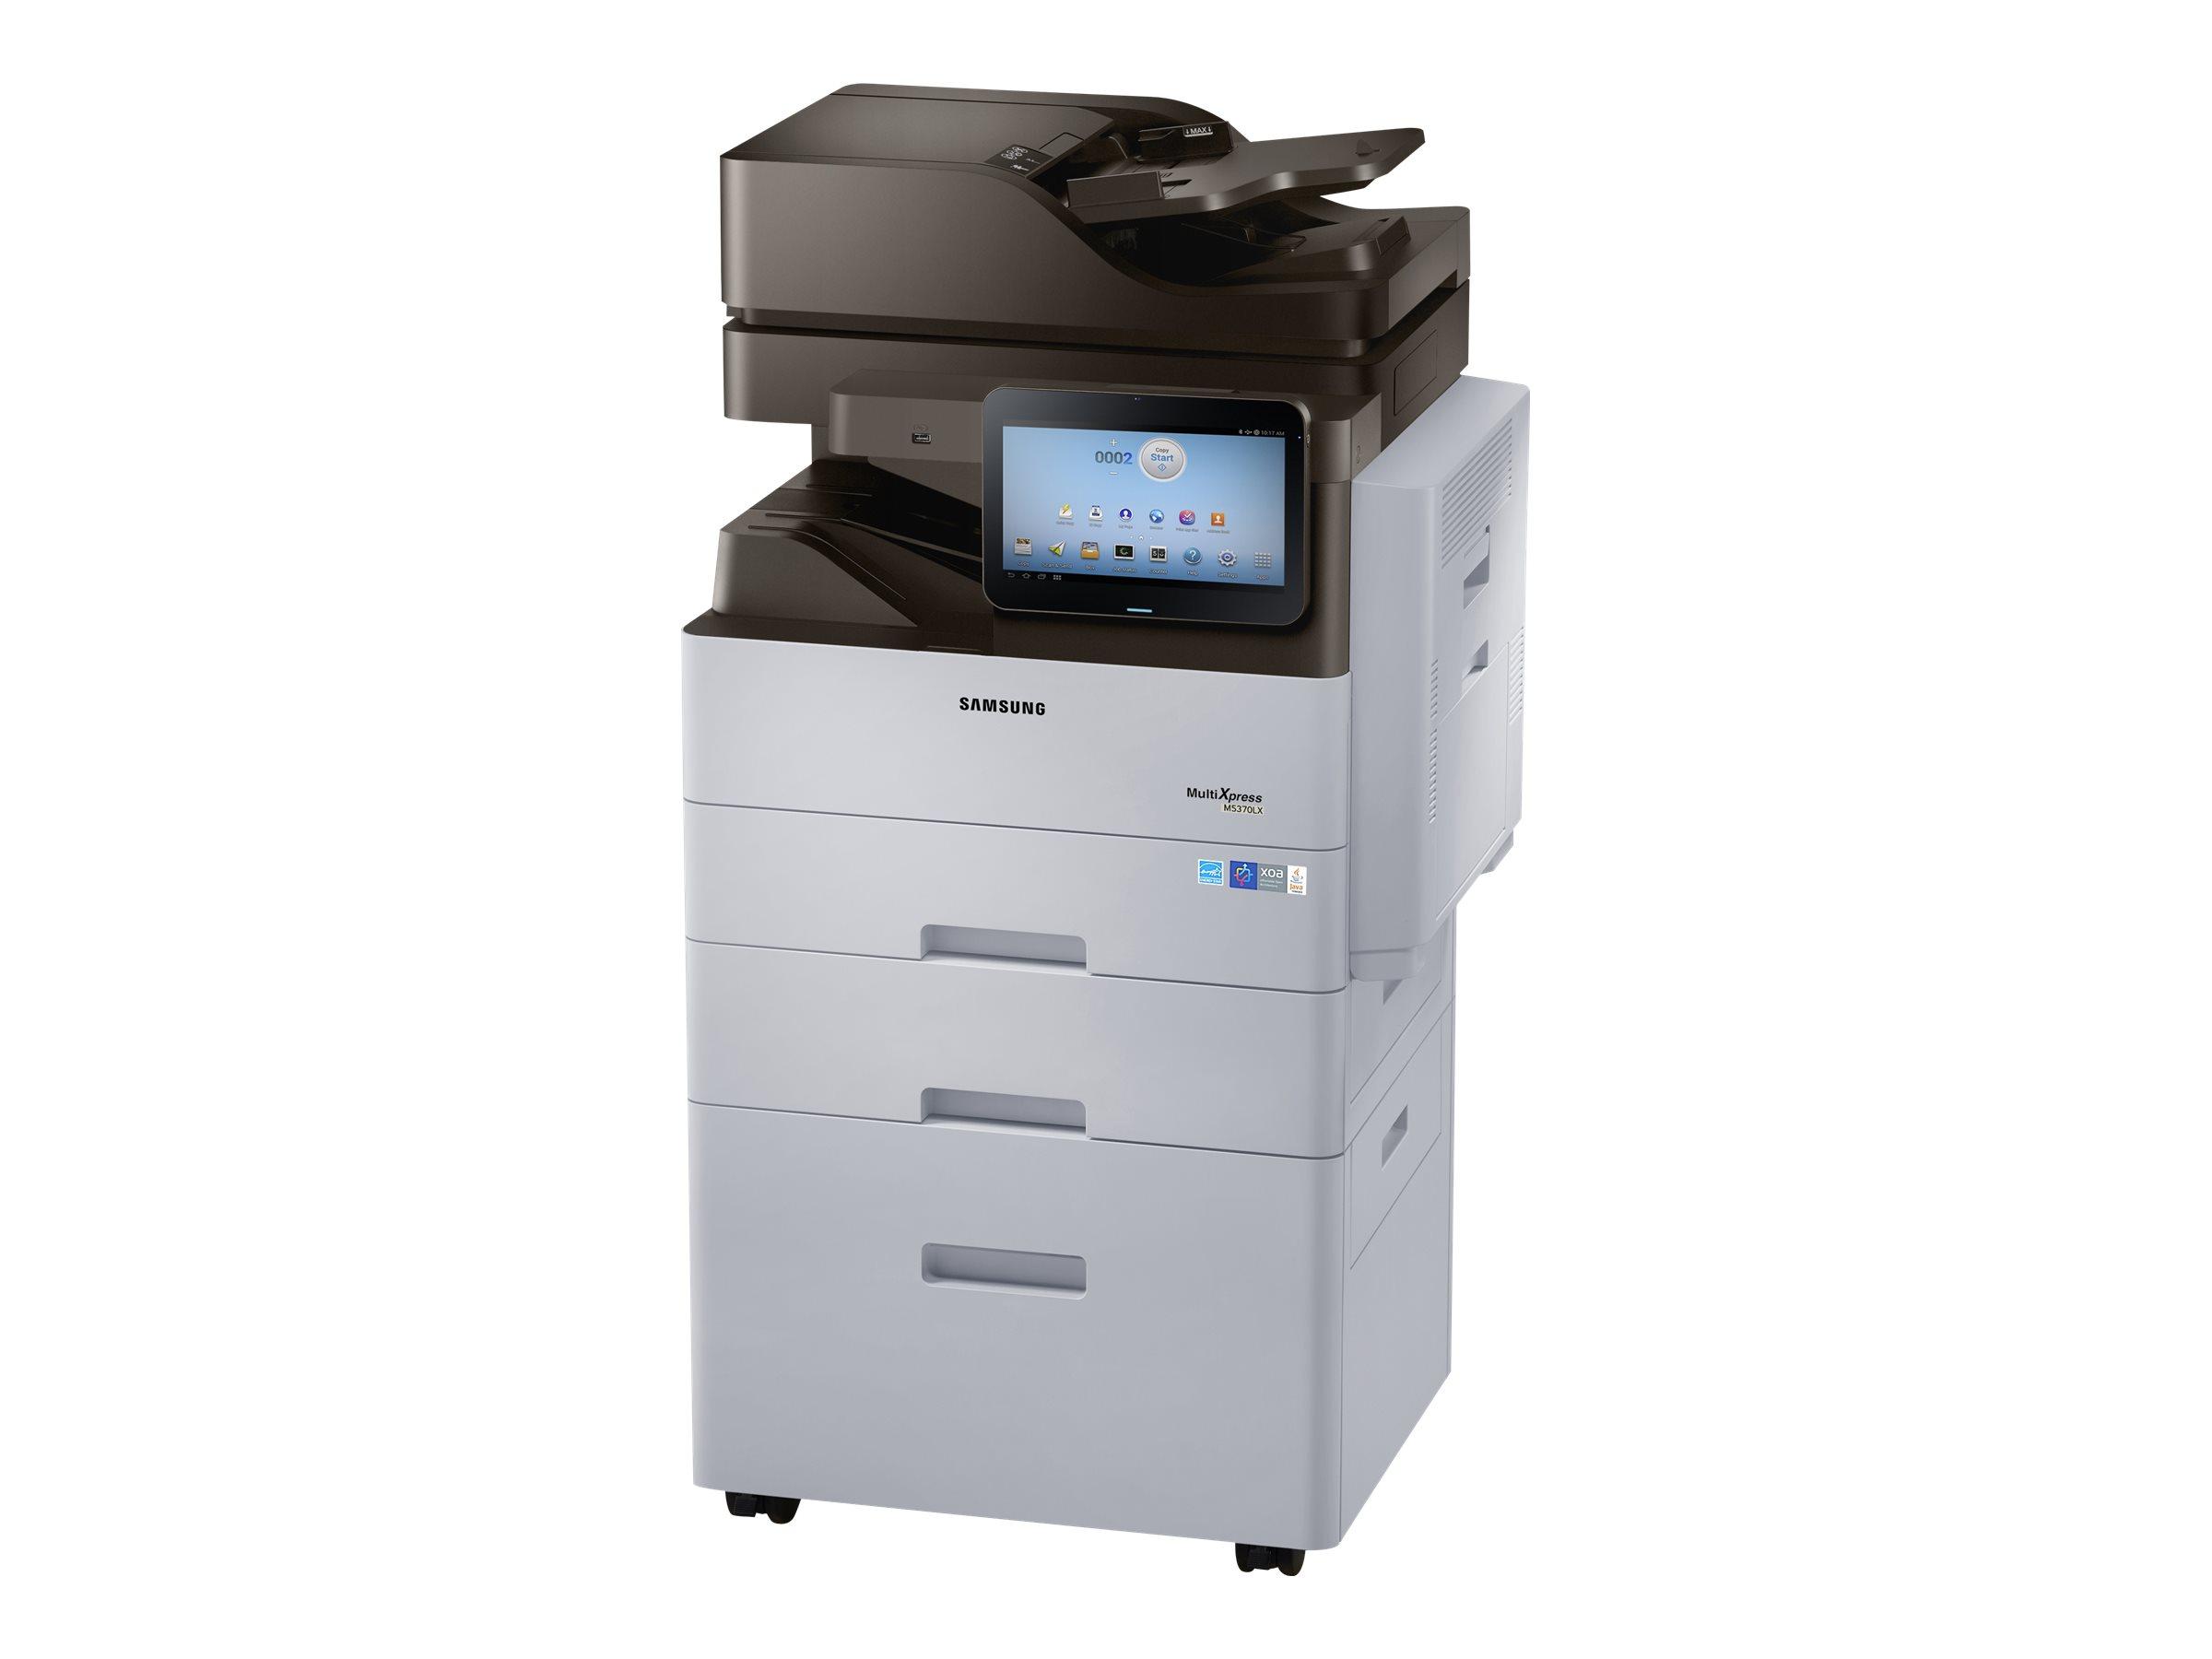 HP Samsung MultiXpress SL-M5370LX - Multifunktionsdrucker - s/w - Laser - Legal (216 x 356 mm)/